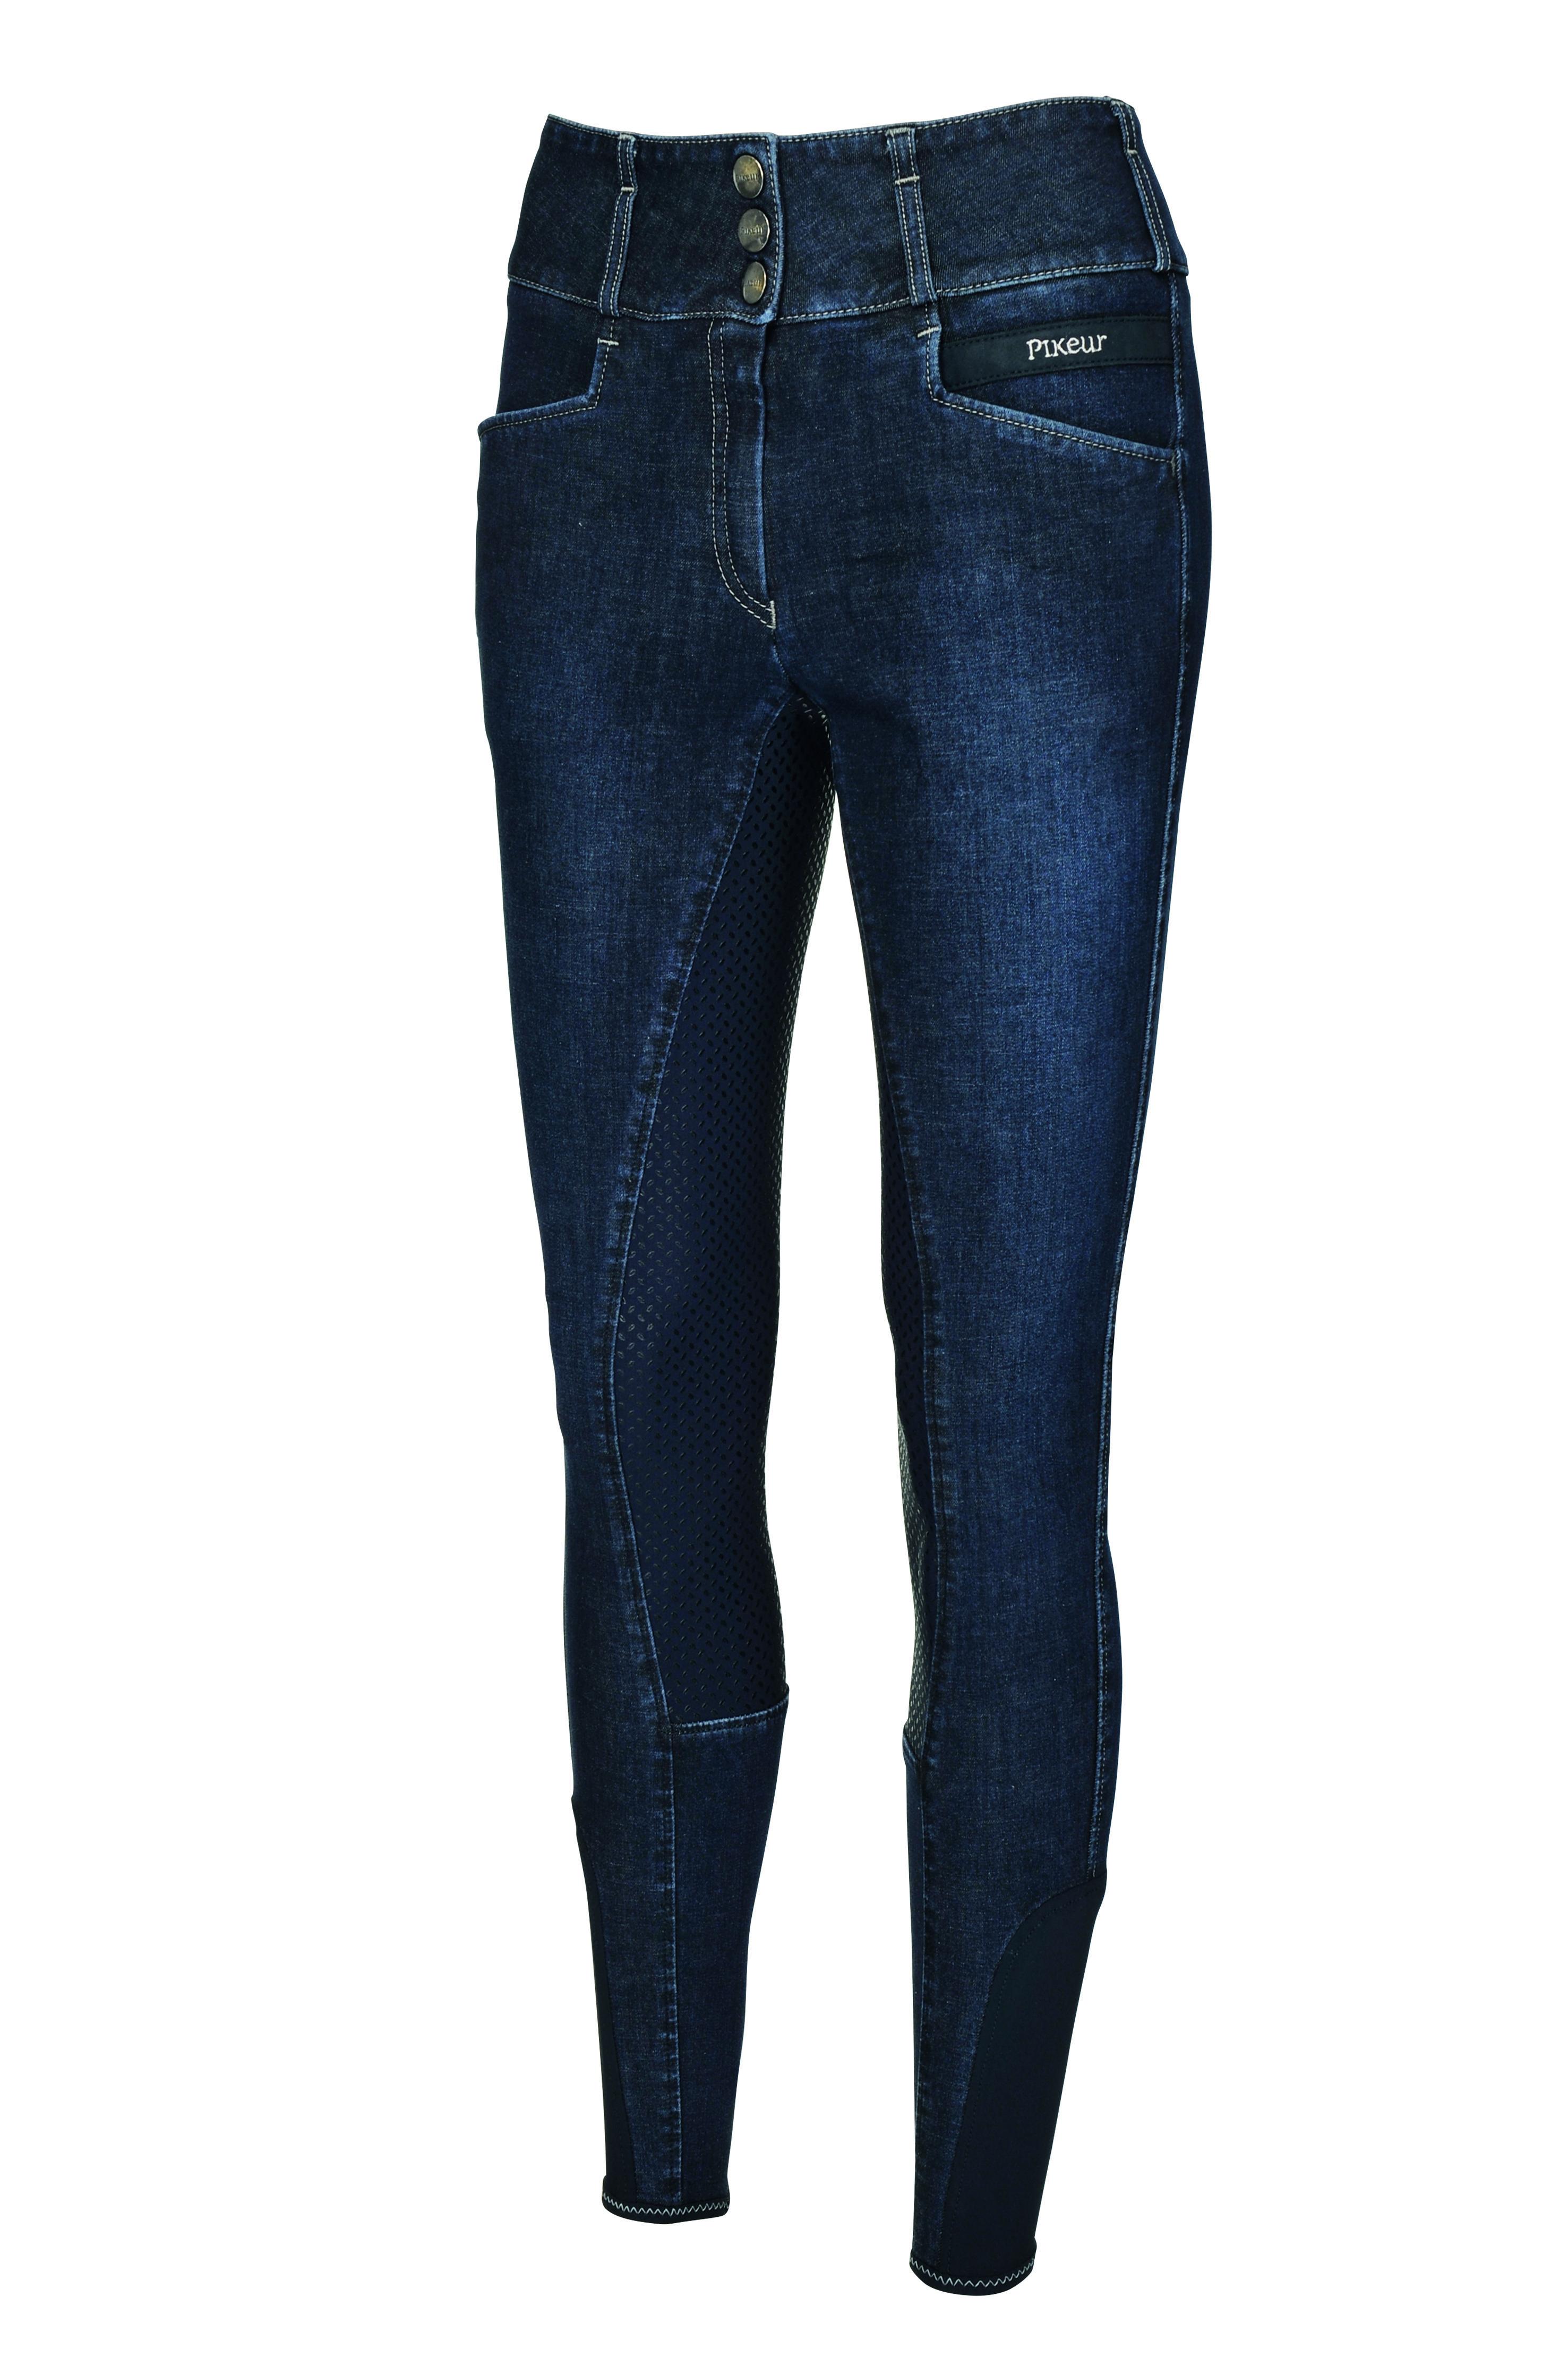 Candela Grip Jeans Front